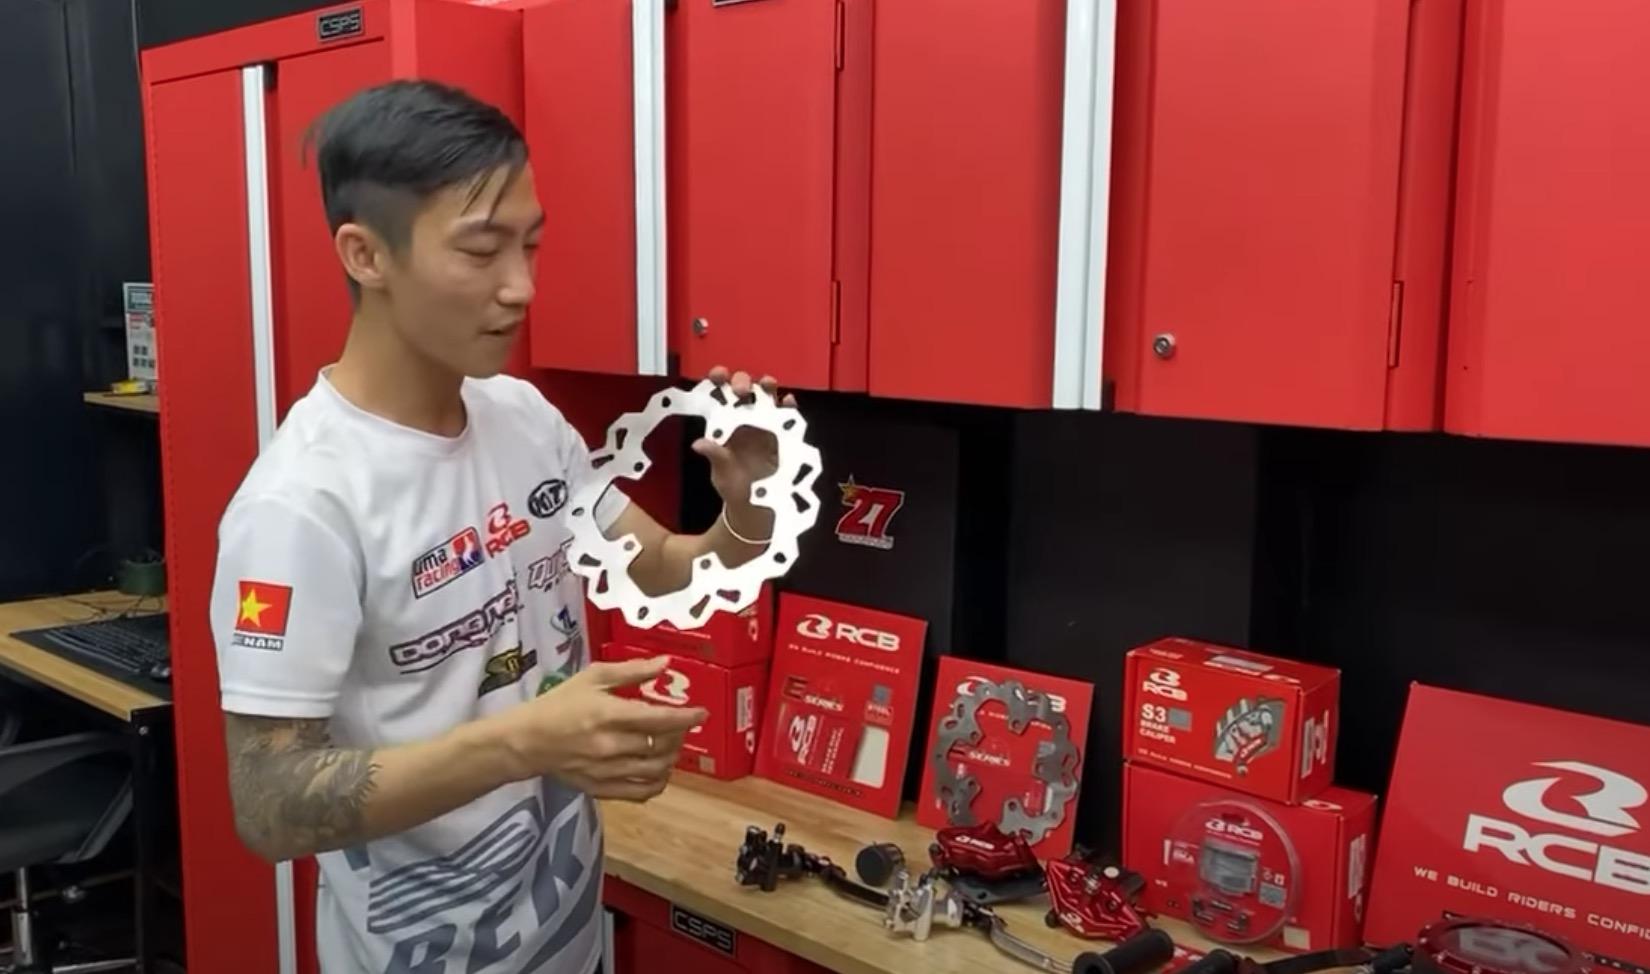 Tay đua Tô Hà Đông Nghi chuẩn bị sẵn đồ chơi độ Exciter 155 với 3 phiên bản